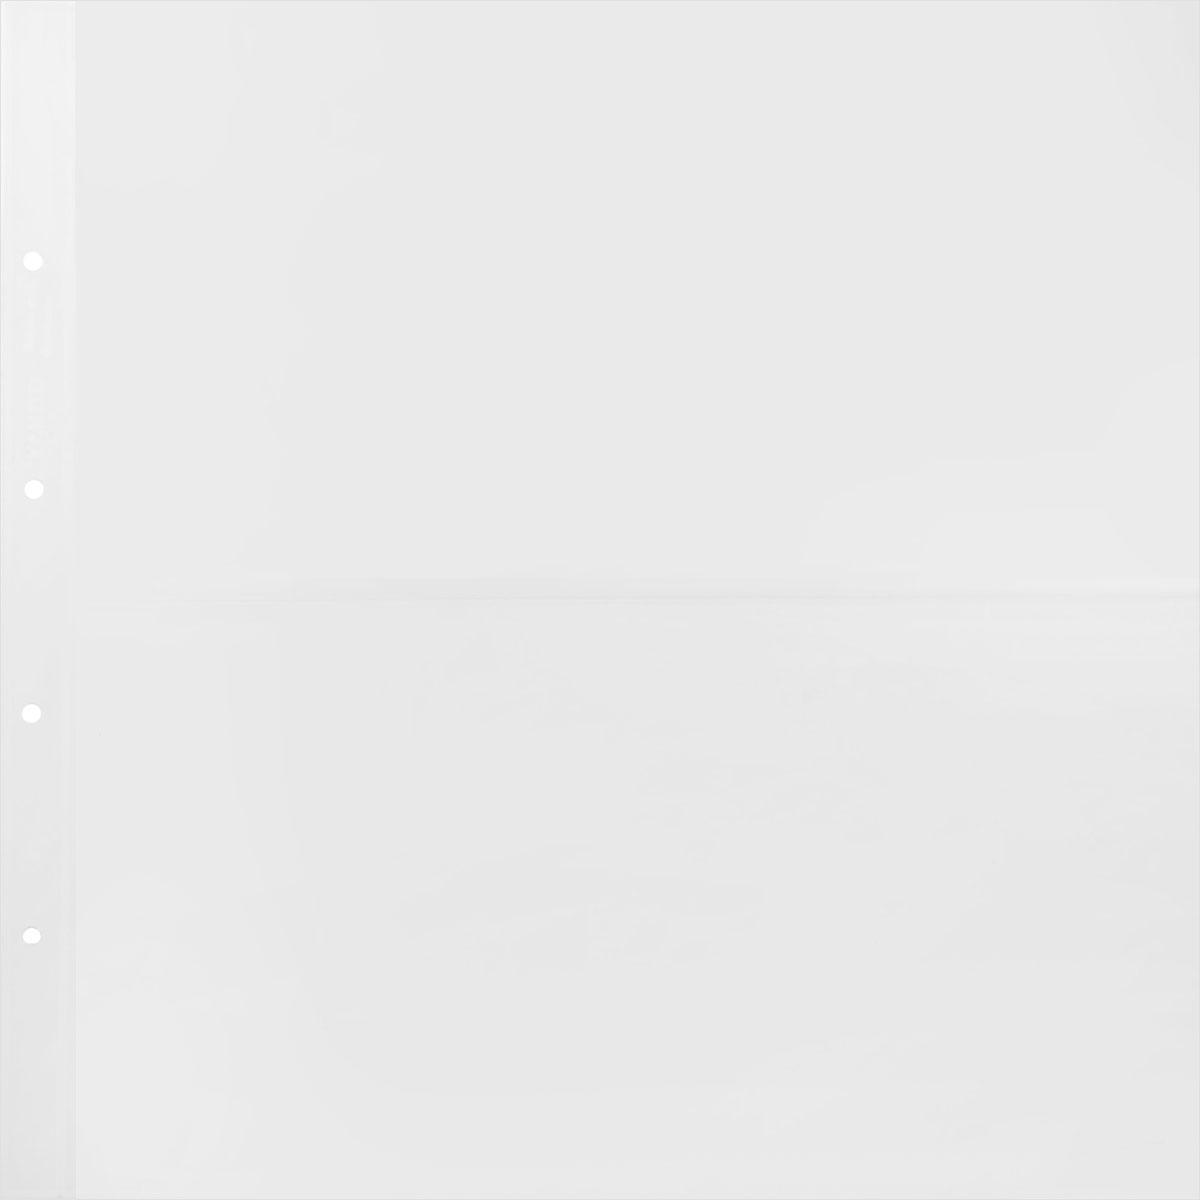 Лист KANZLEI2С в альбом для бон, на 2 ячейки. Leuchtturm, #304329 (10 листов в упаковке)969795Характеристики: Размер листа: 36 см х 43 см Размер ячейки: 33 см x 21 см Количество листов в упаковке: 10